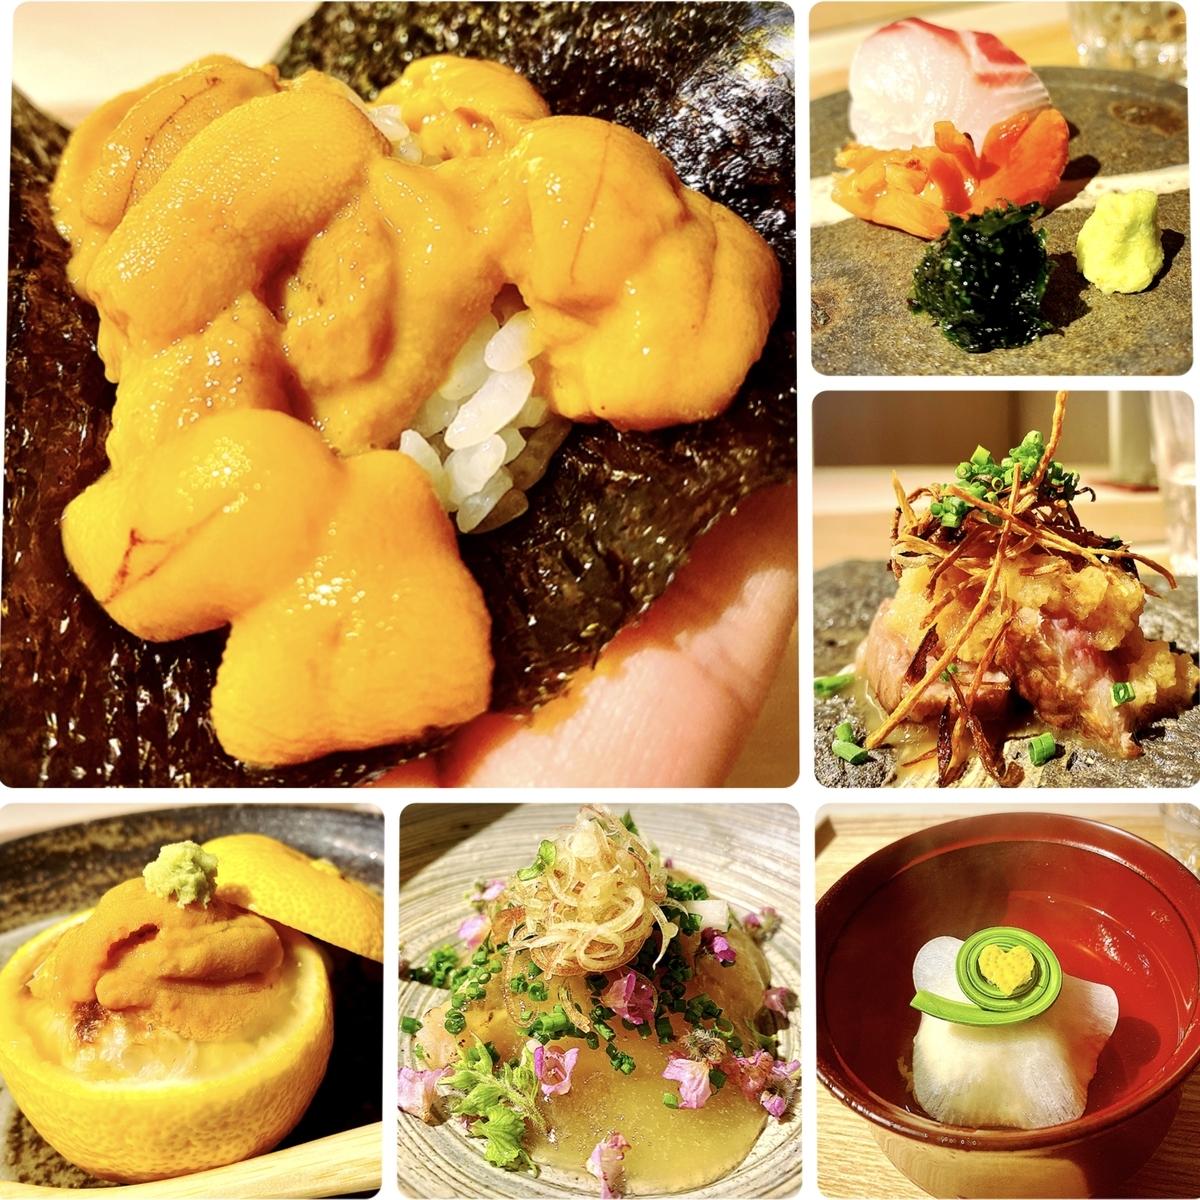 所沢まで足を運ぶ価値あり!埼玉を代表する日本料理の名店